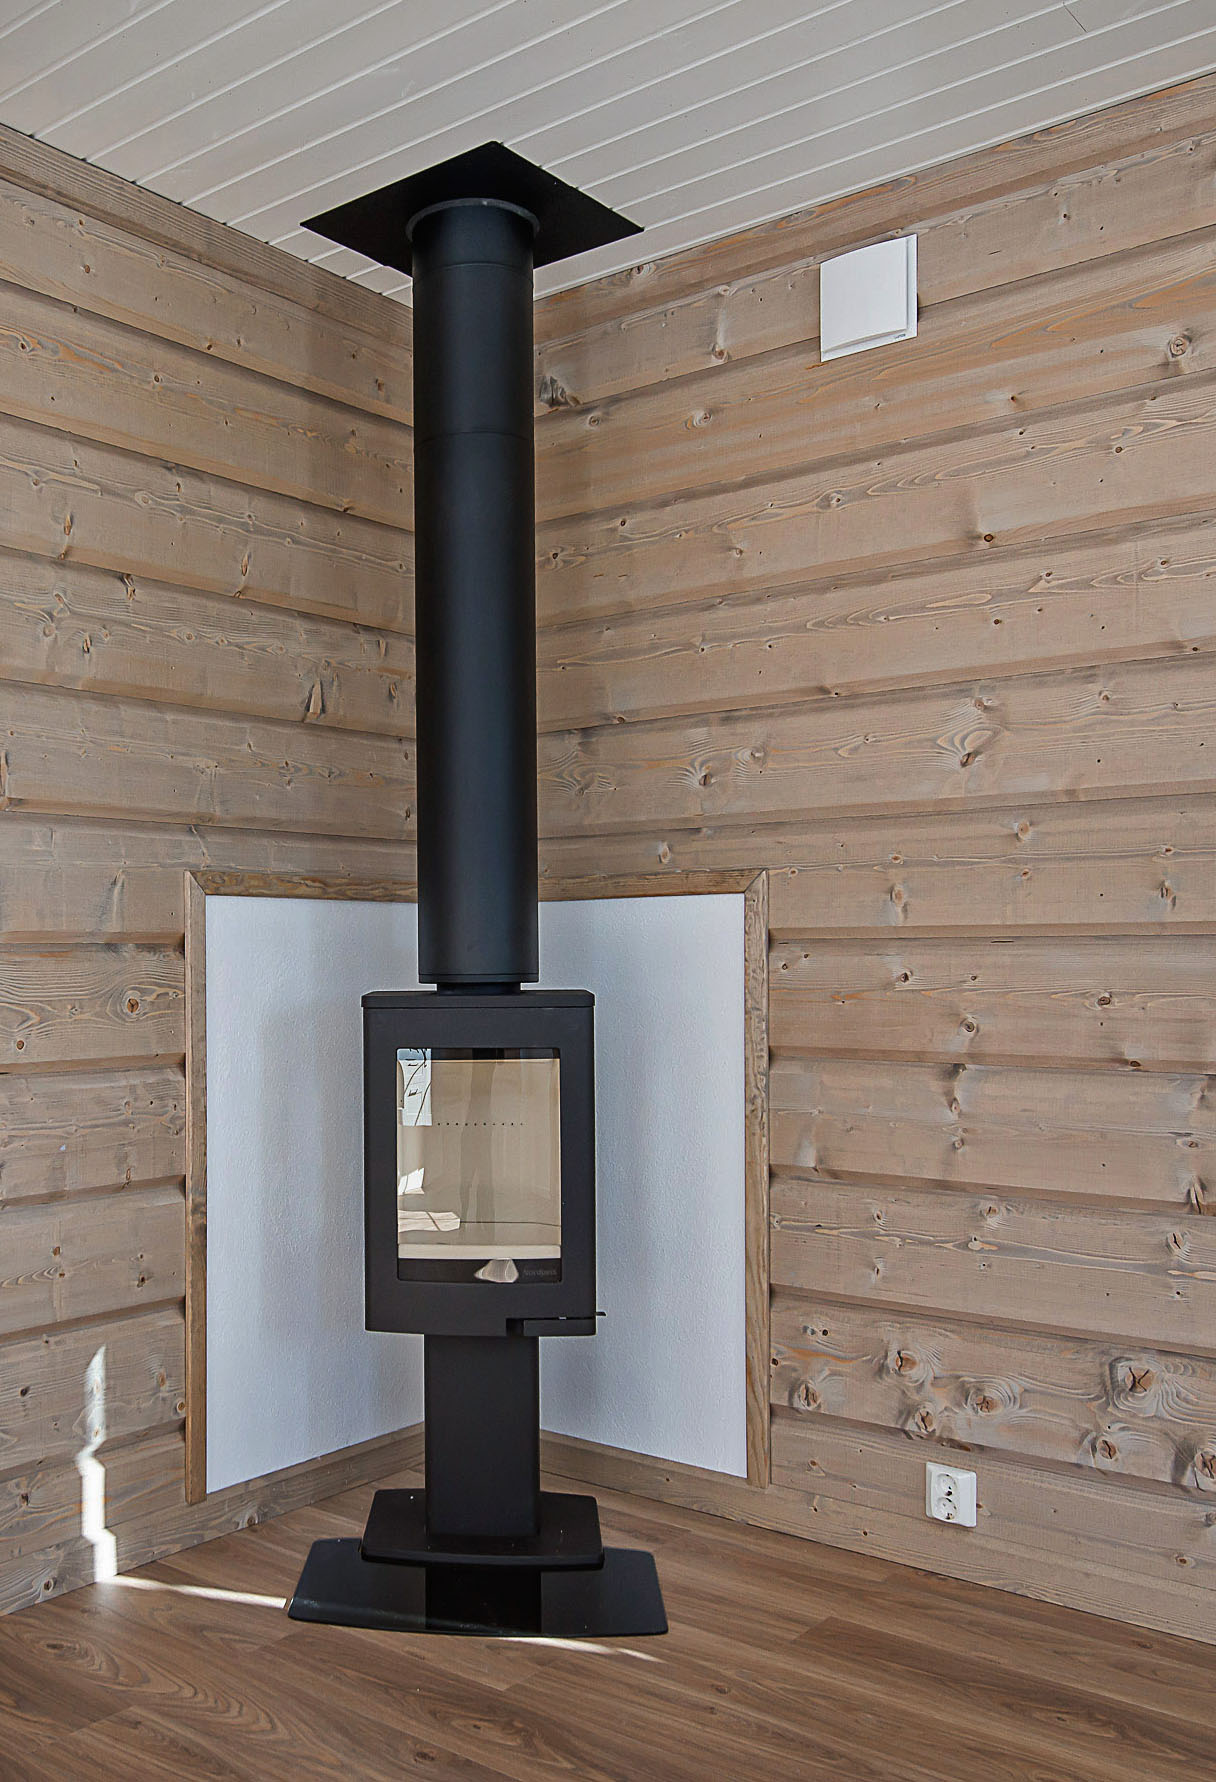 Lunos e2 montert i yttervegg nær peis bidrar til høy varmegjenvinning